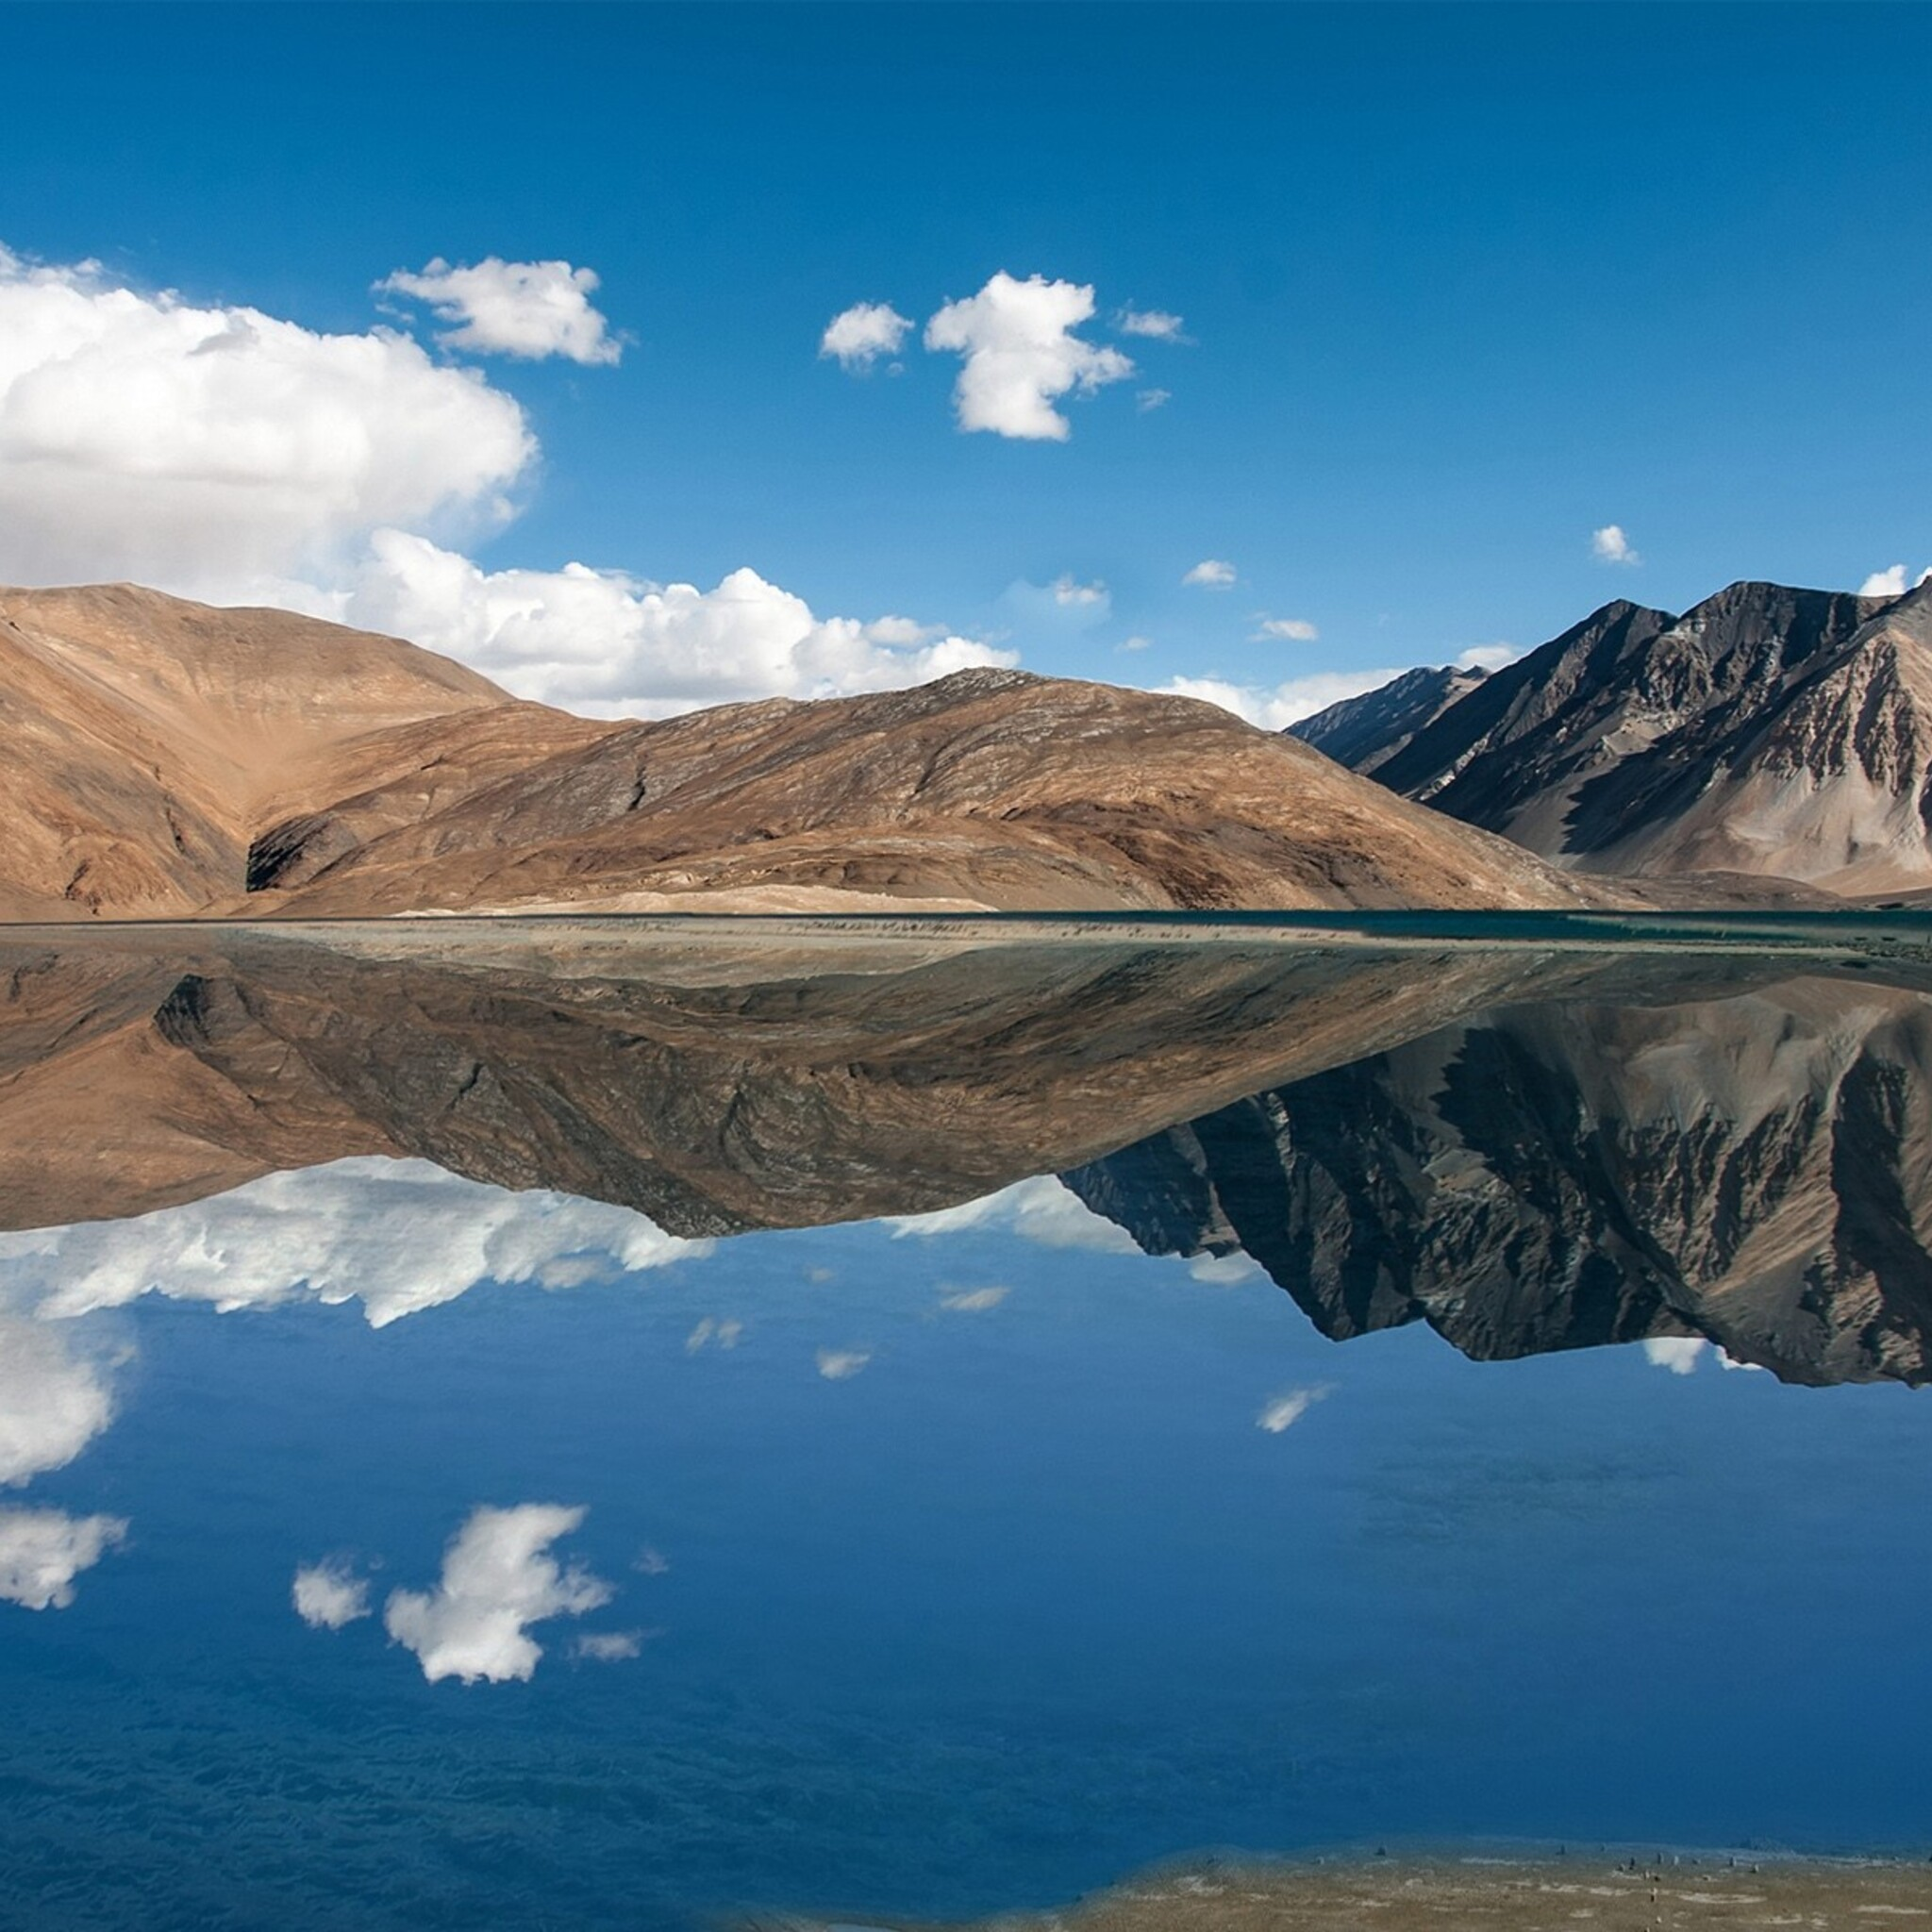 2048x2048 Jammu Kashmir Pangong Lake Ipad Air HD 4k